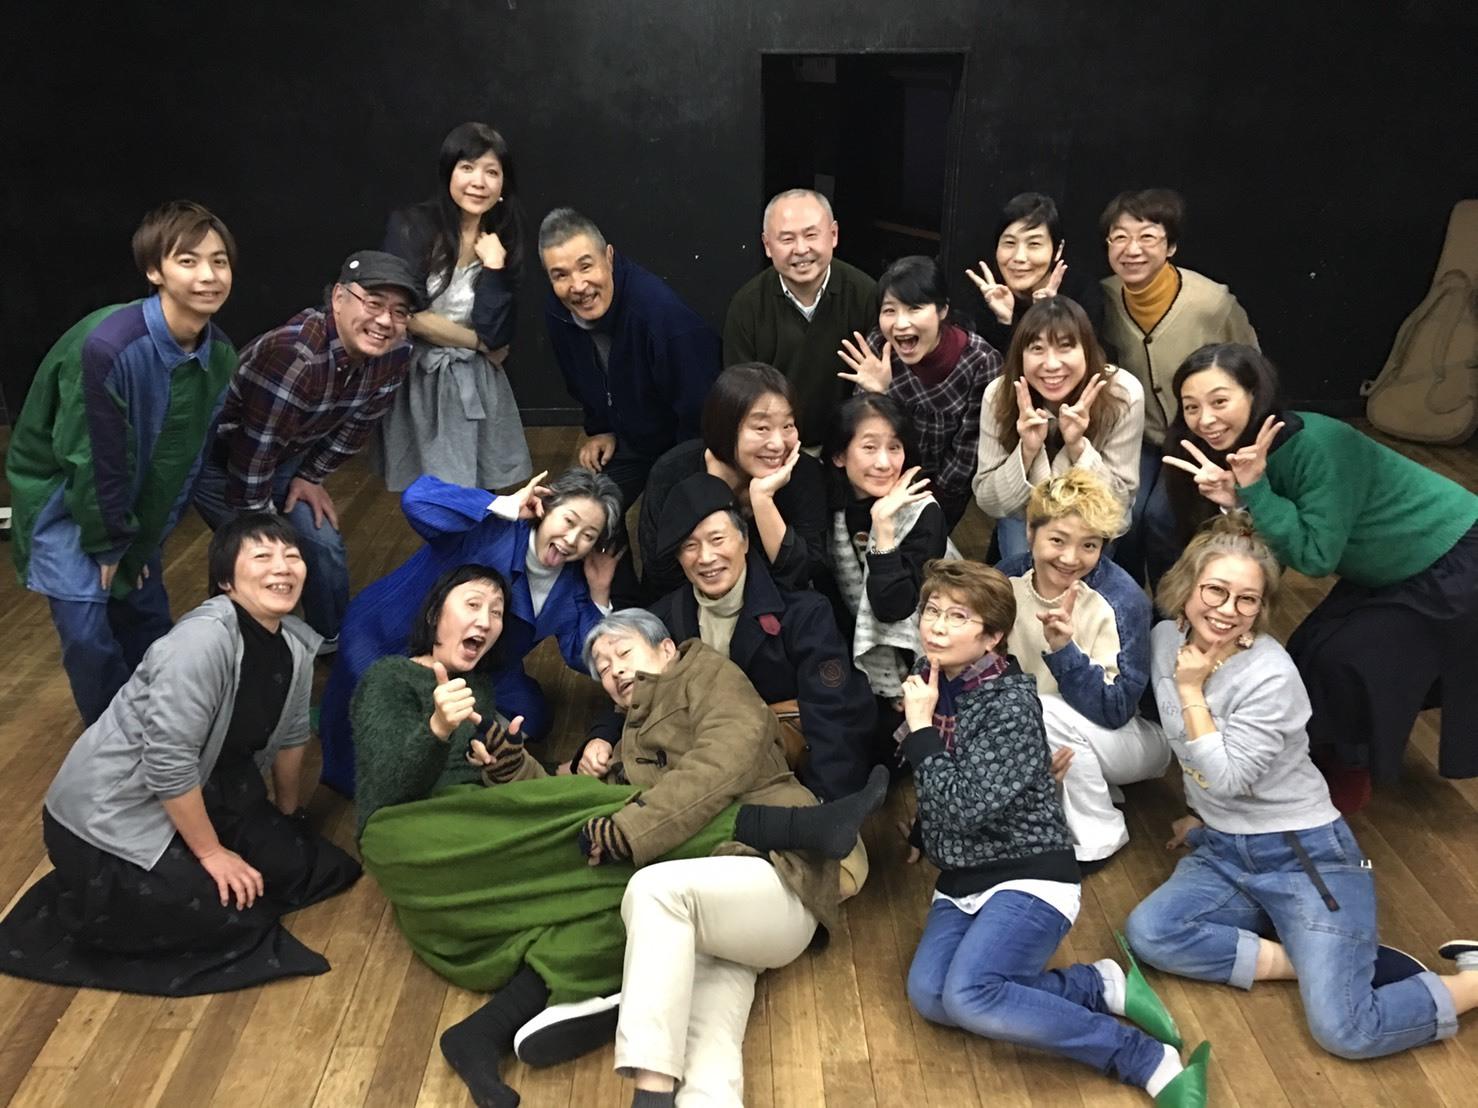 スセリ劇場に関わった 被害者の会_a0163623_05440212.jpg